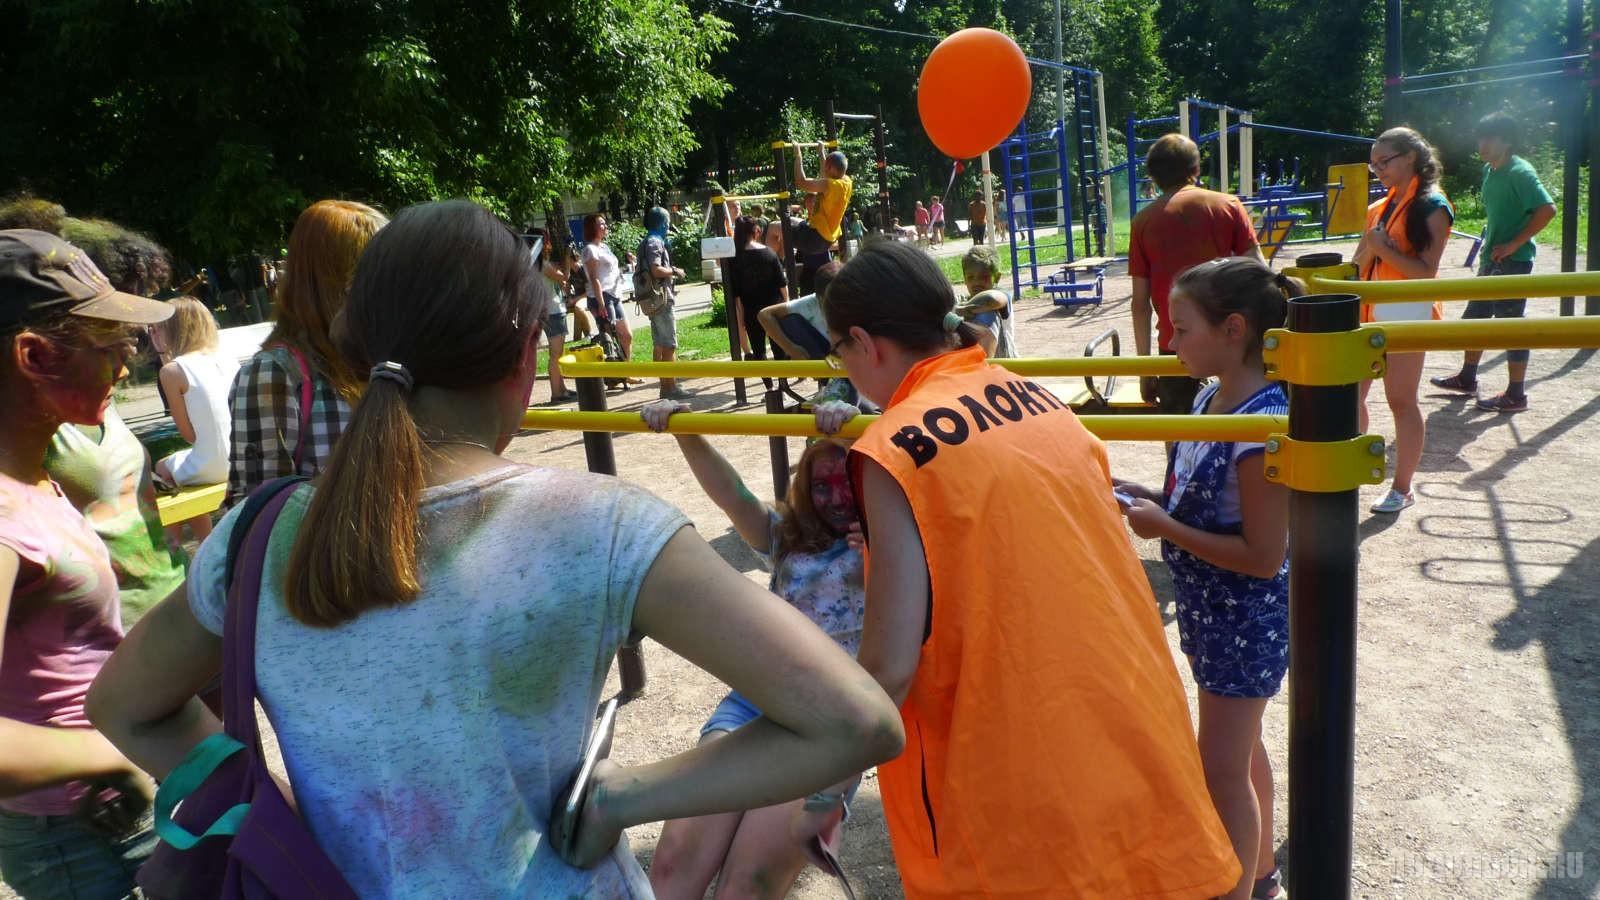 Гости праздника на турниках.  Фестиваль красок  Подростки, молодежь, дети.